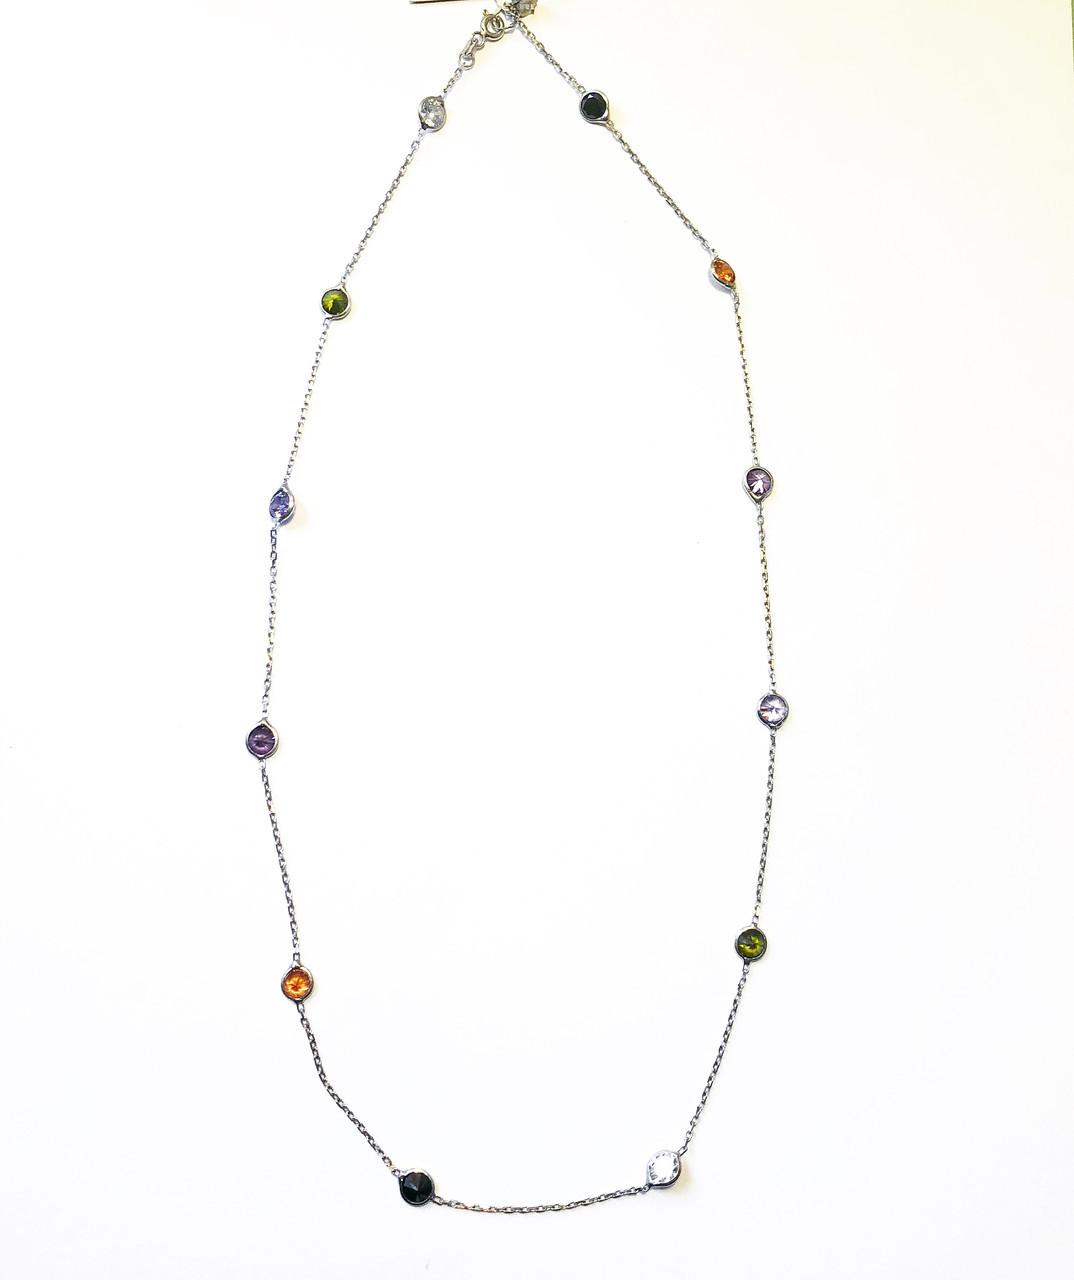 Цепочка колье из серебра 925 Beauty Jewels цветные цирконы , фото 1